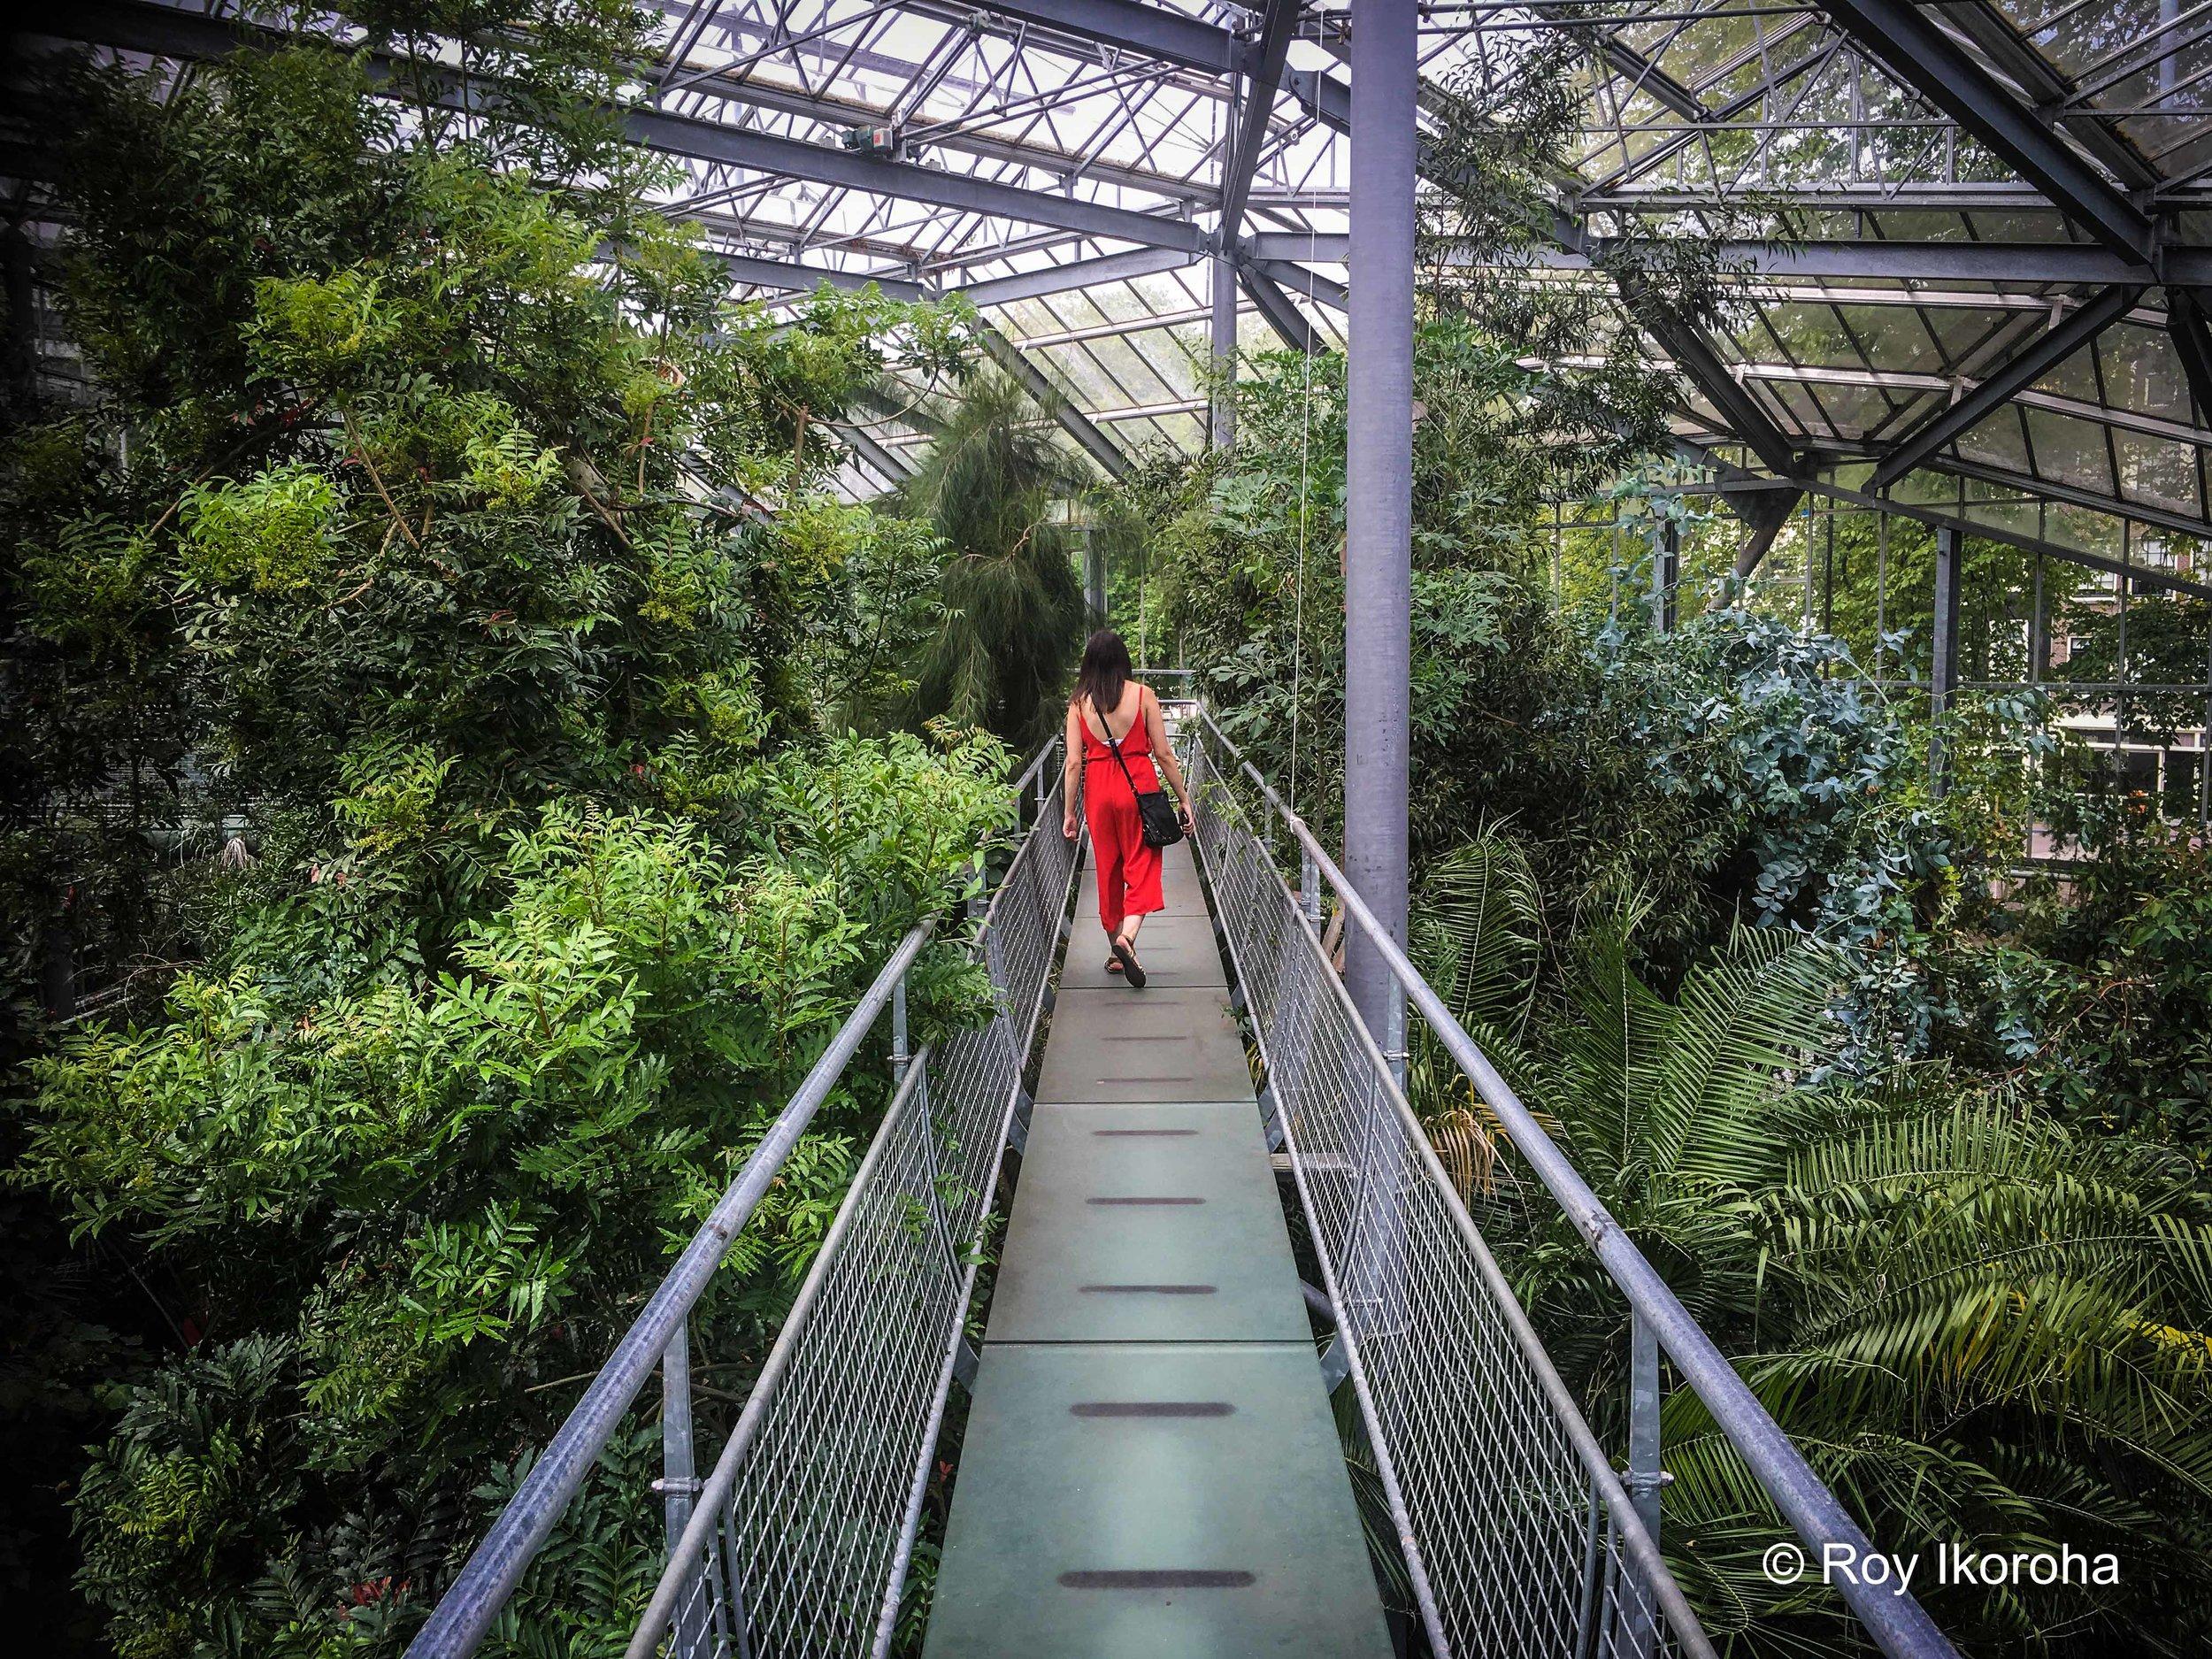 Hortus Botanicus, Amsterdam, Netherlands